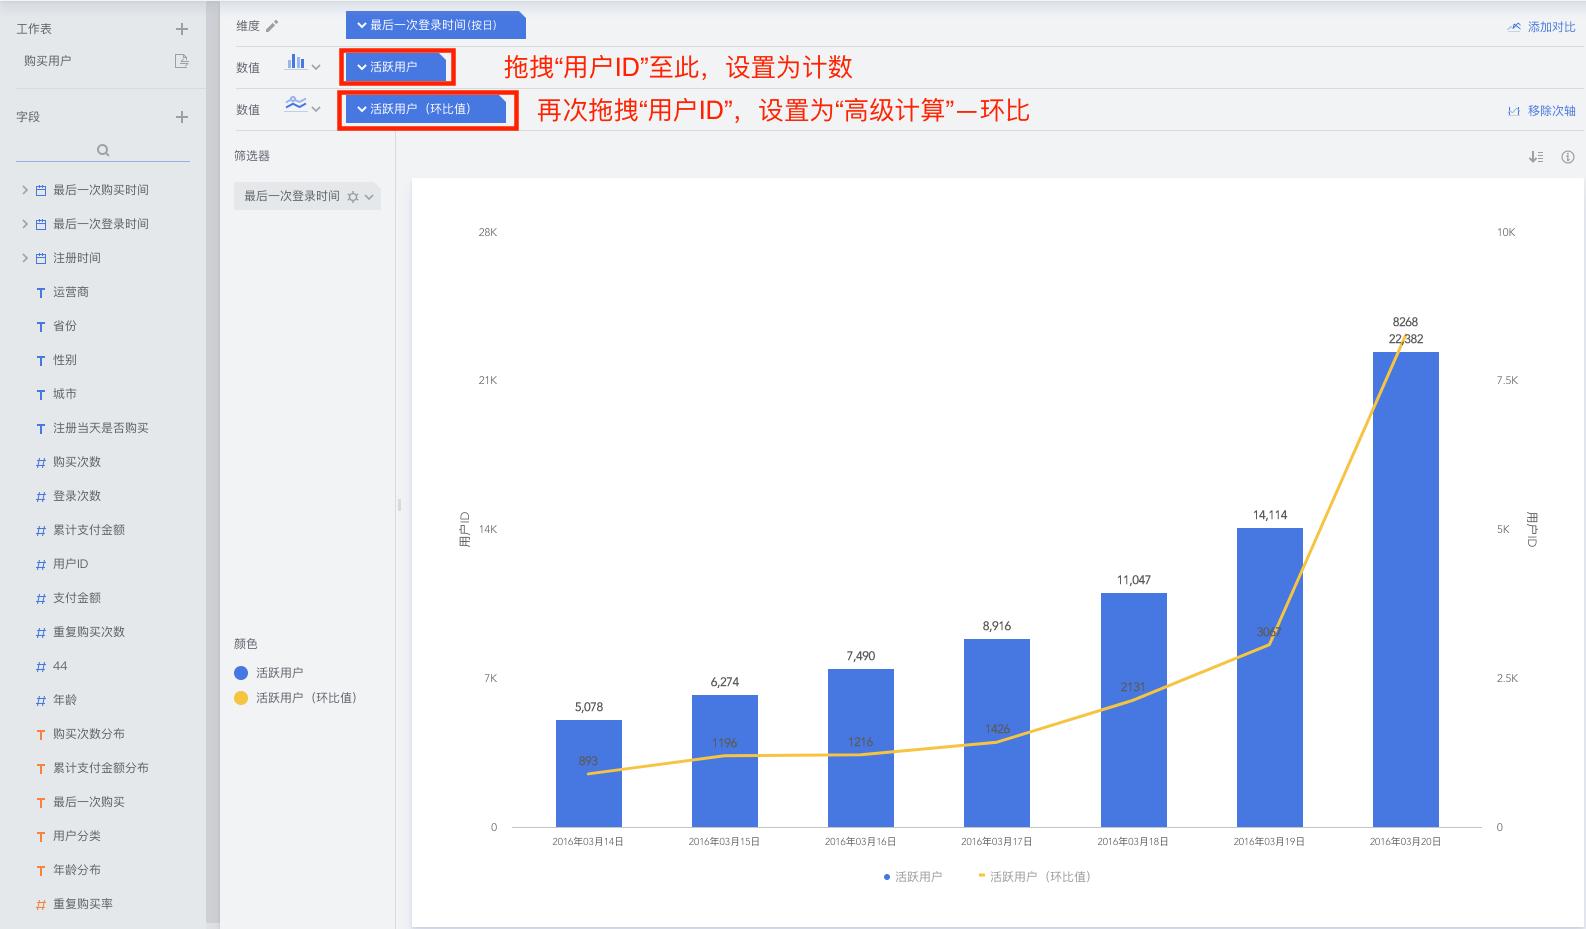 数据小白浅谈用户运营重要指标:用户活跃率